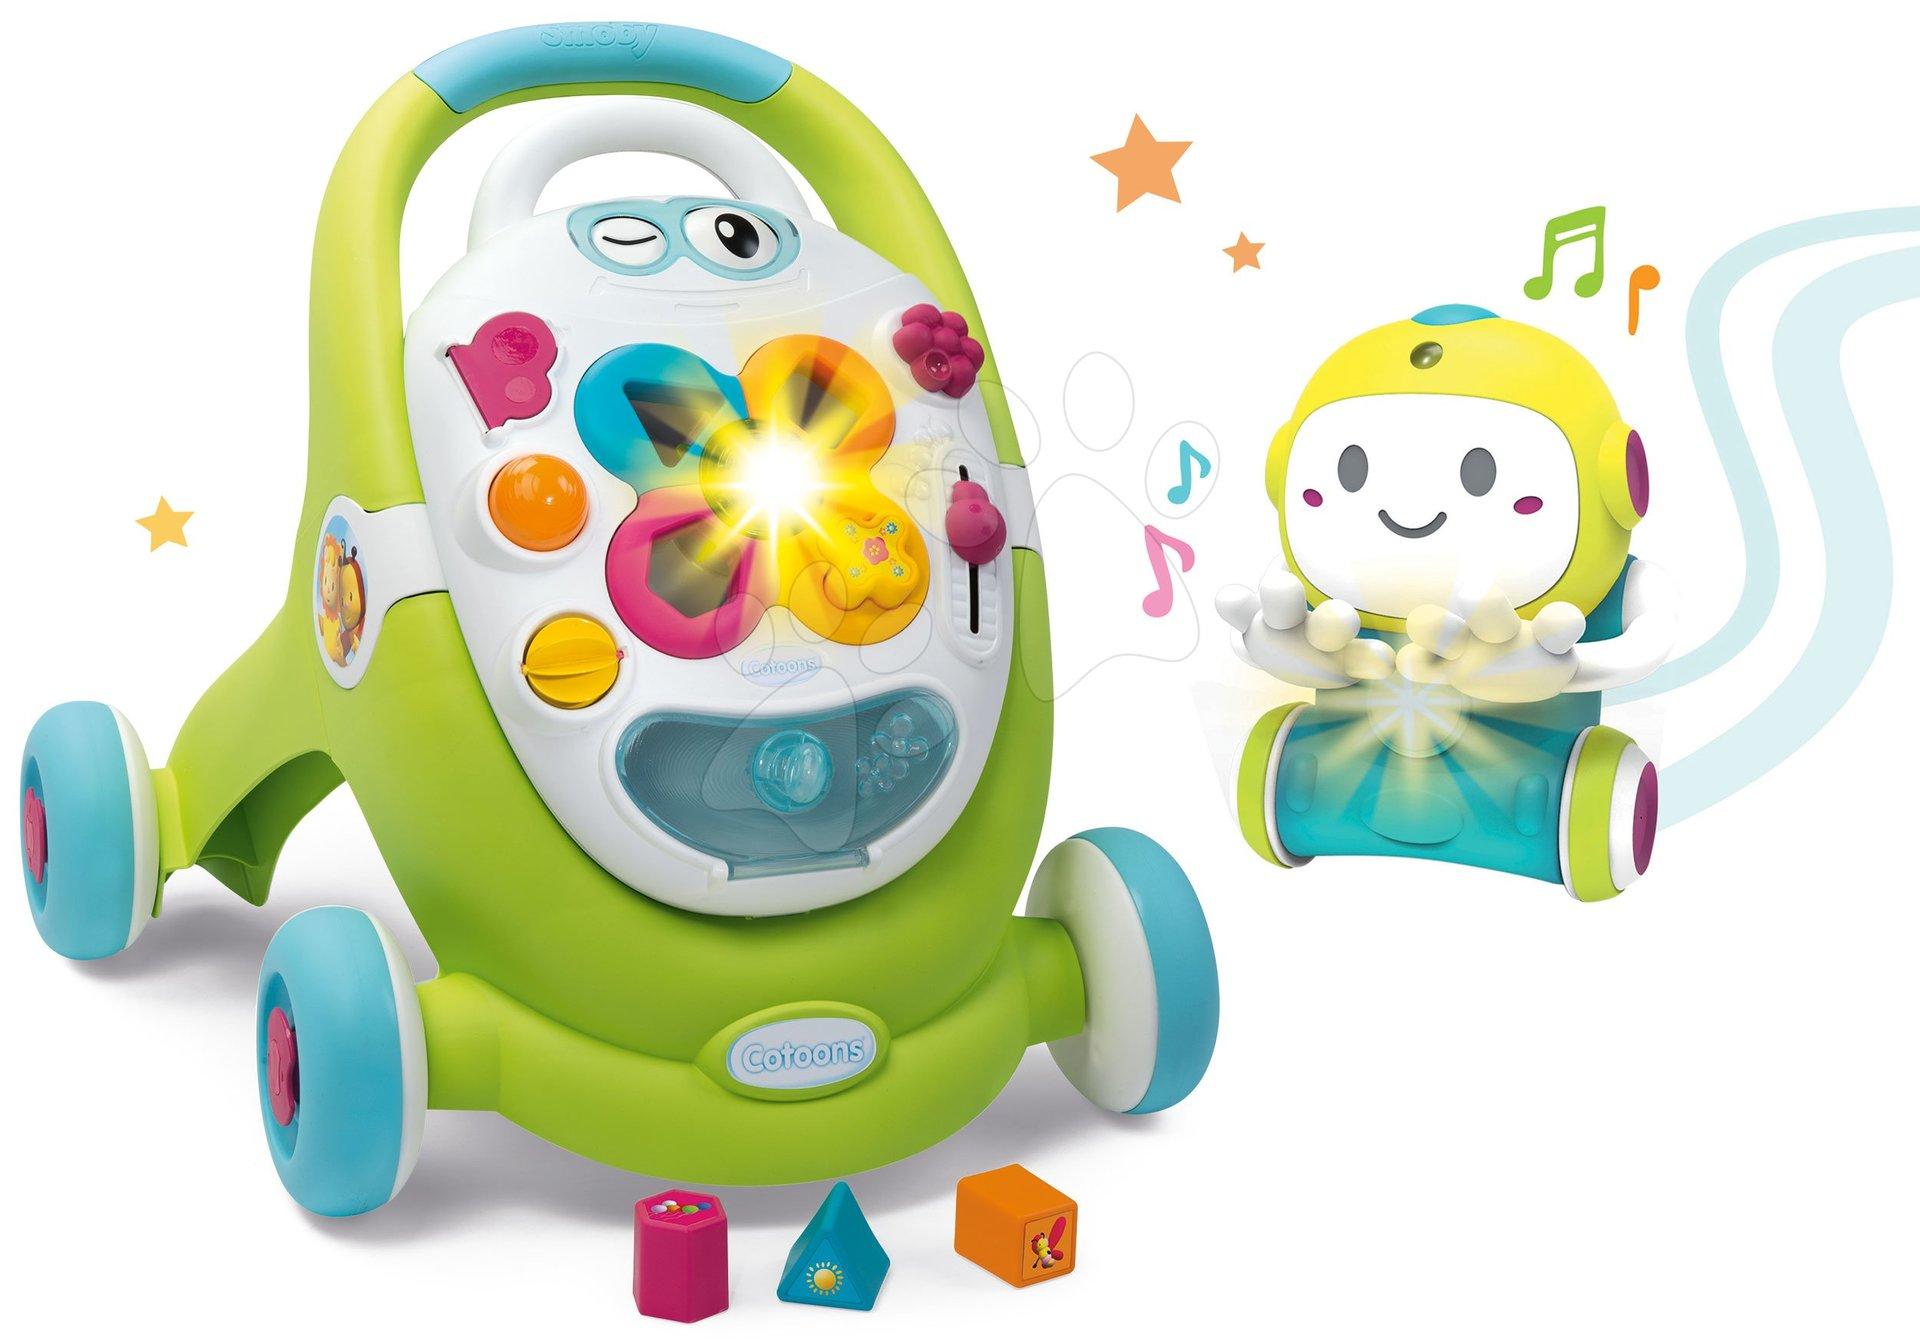 Set premergător și valiză didactică Trott Cotoons 2în1 Smoby cu sunete și lumini și robot interactiv 1,2,3 Smart cu senzo de mișcare și 2 variante de joacă